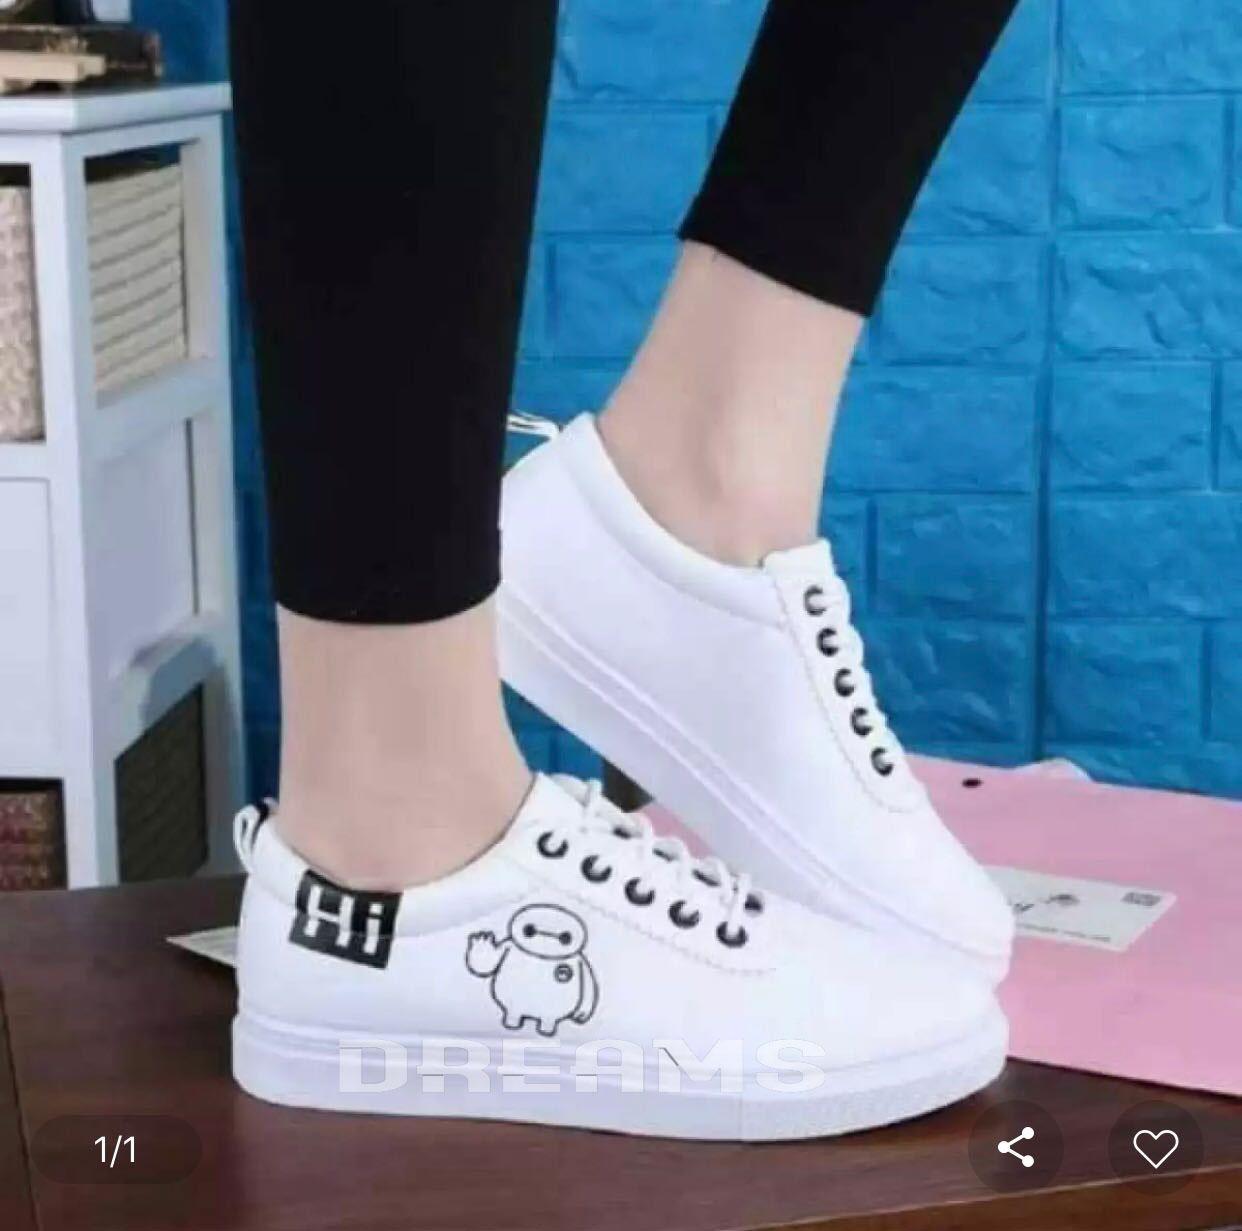 Milenial Sepatu Kets Wanita HI - Sepatu Sneakers Sport Wanita termurah - Putih